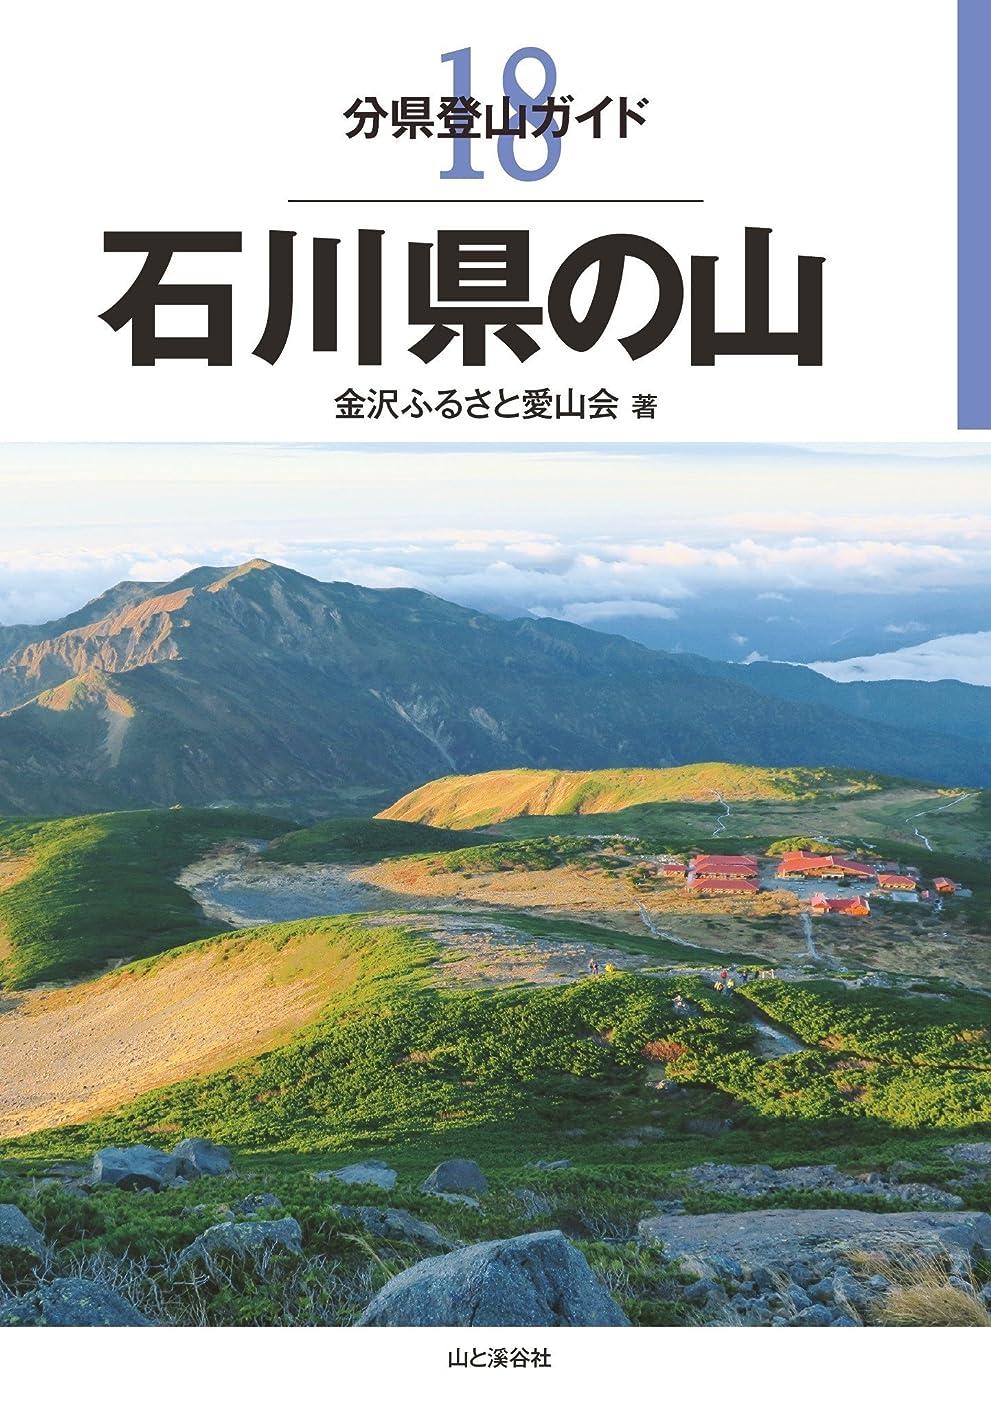 余裕があるに負けるアトラス分県登山ガイド 18 石川県の山